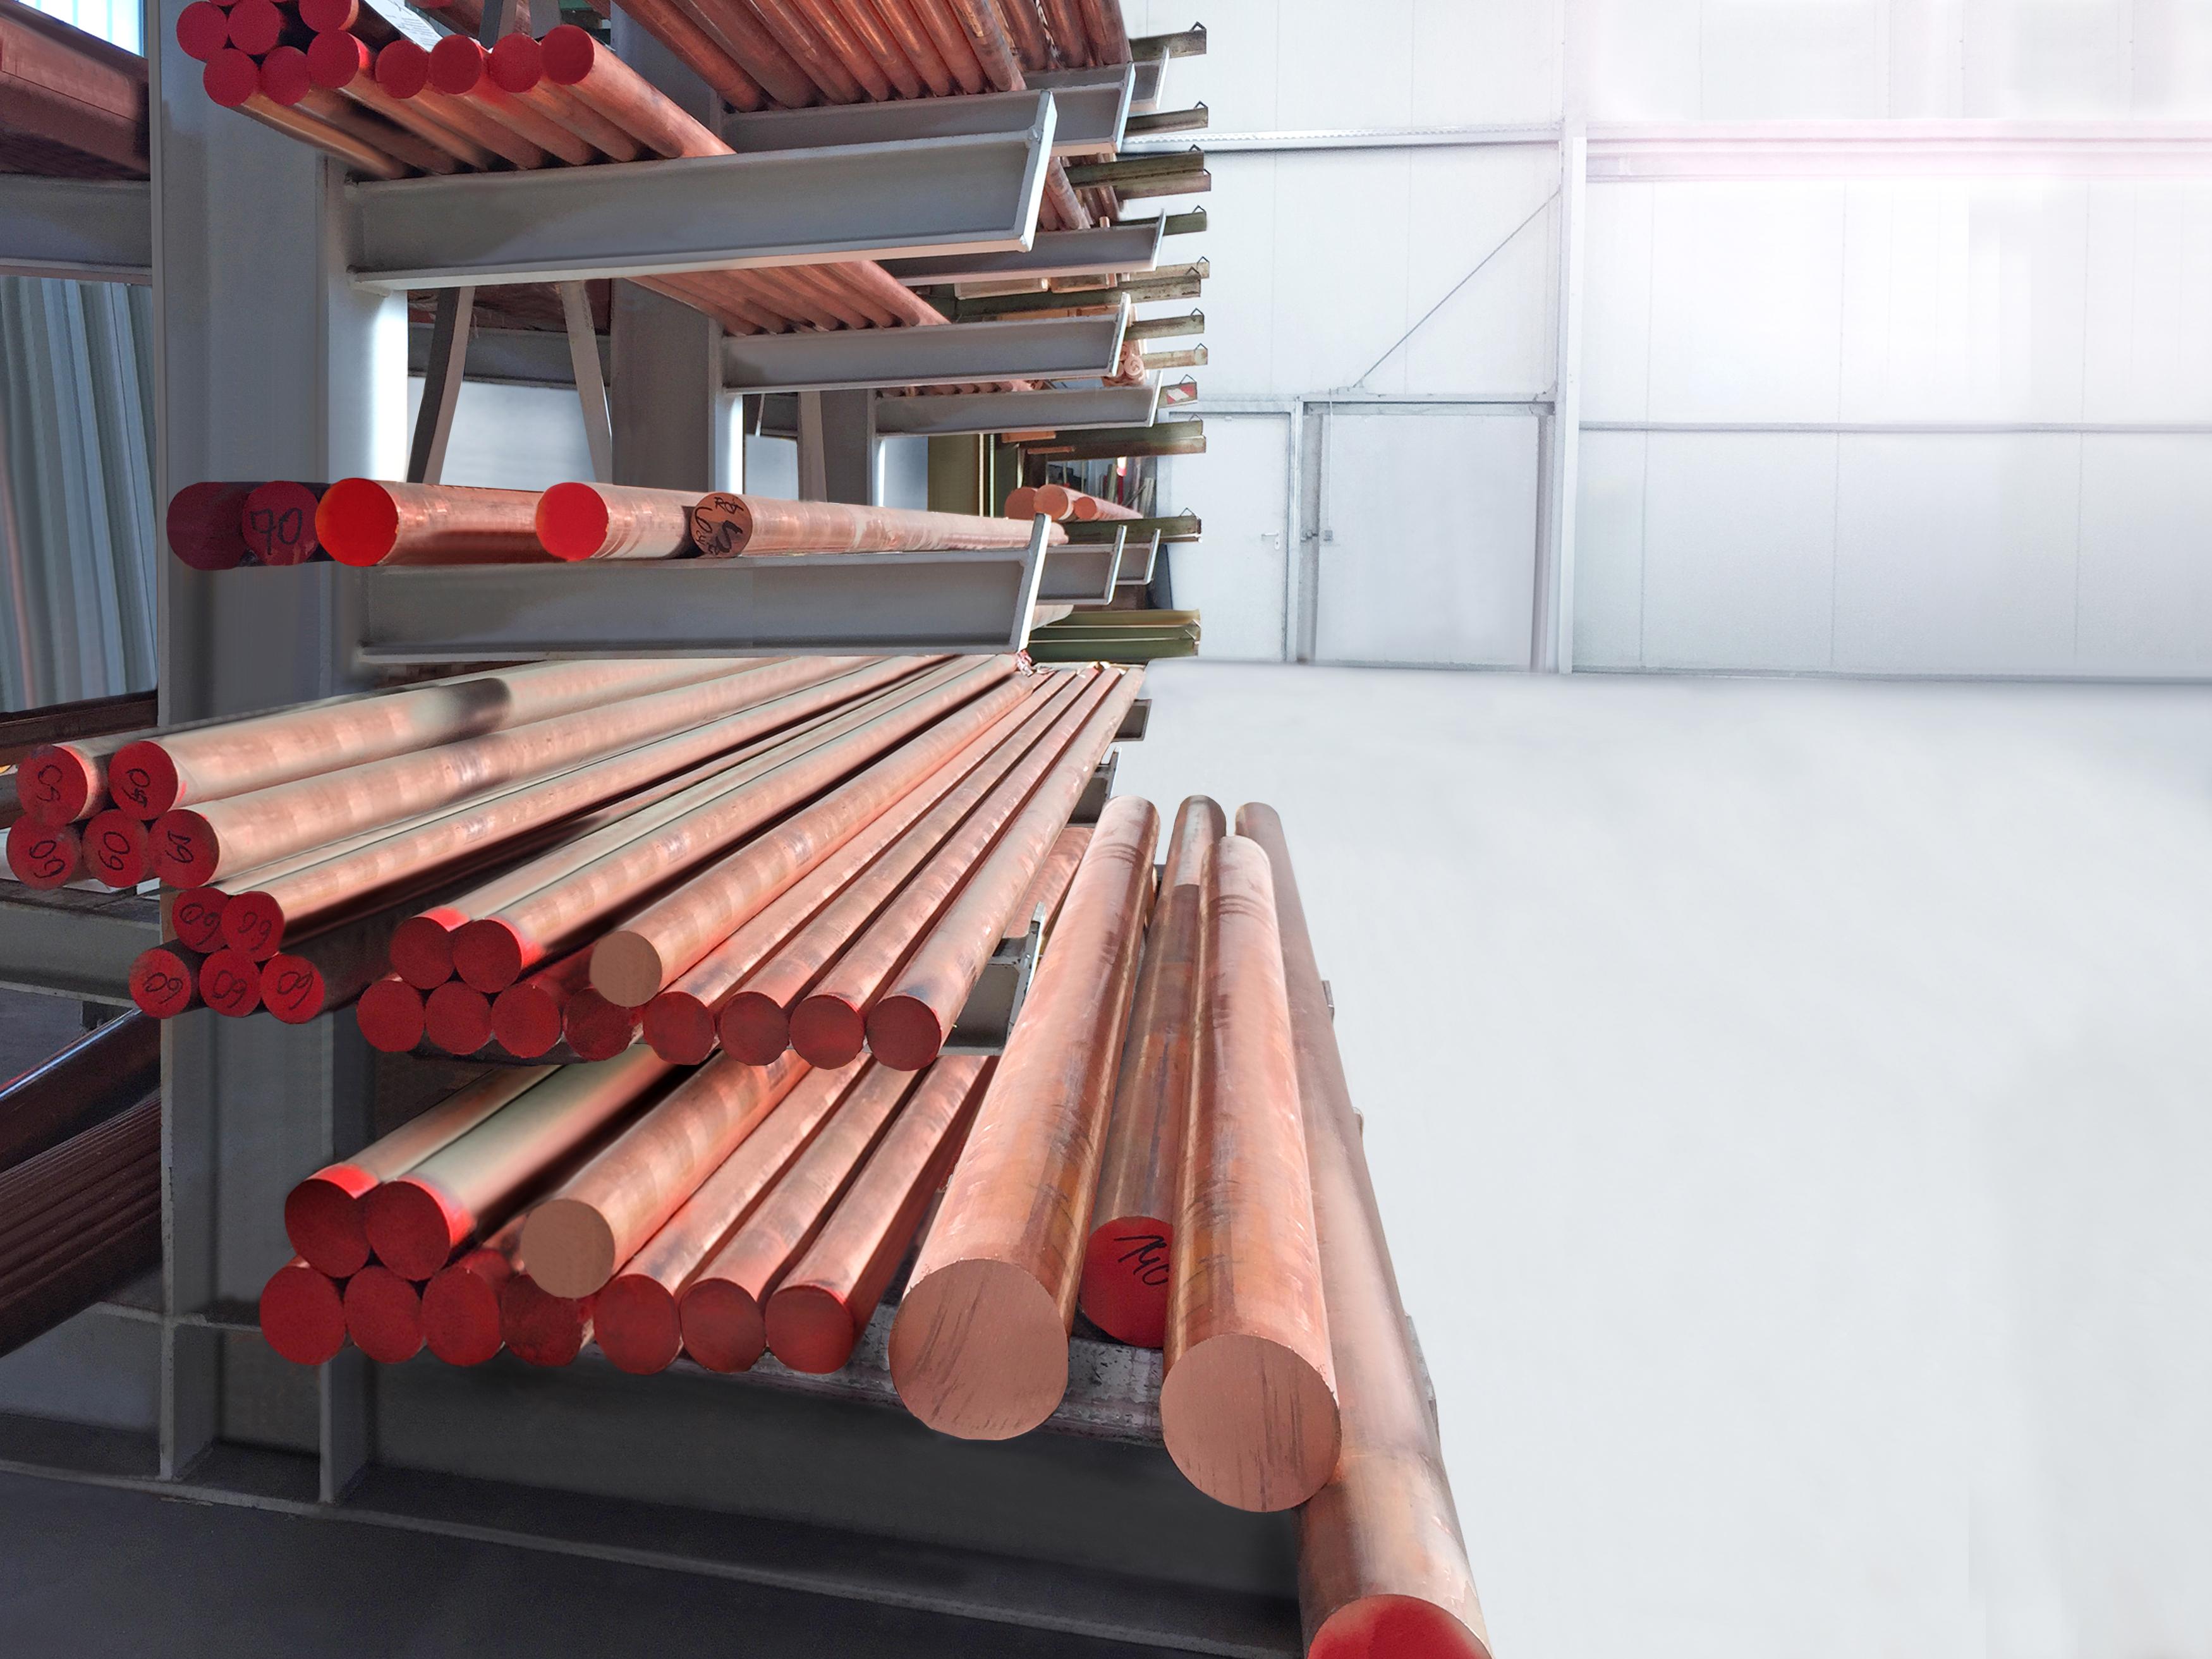 Kupferlager2wpf1dL6eESCd1